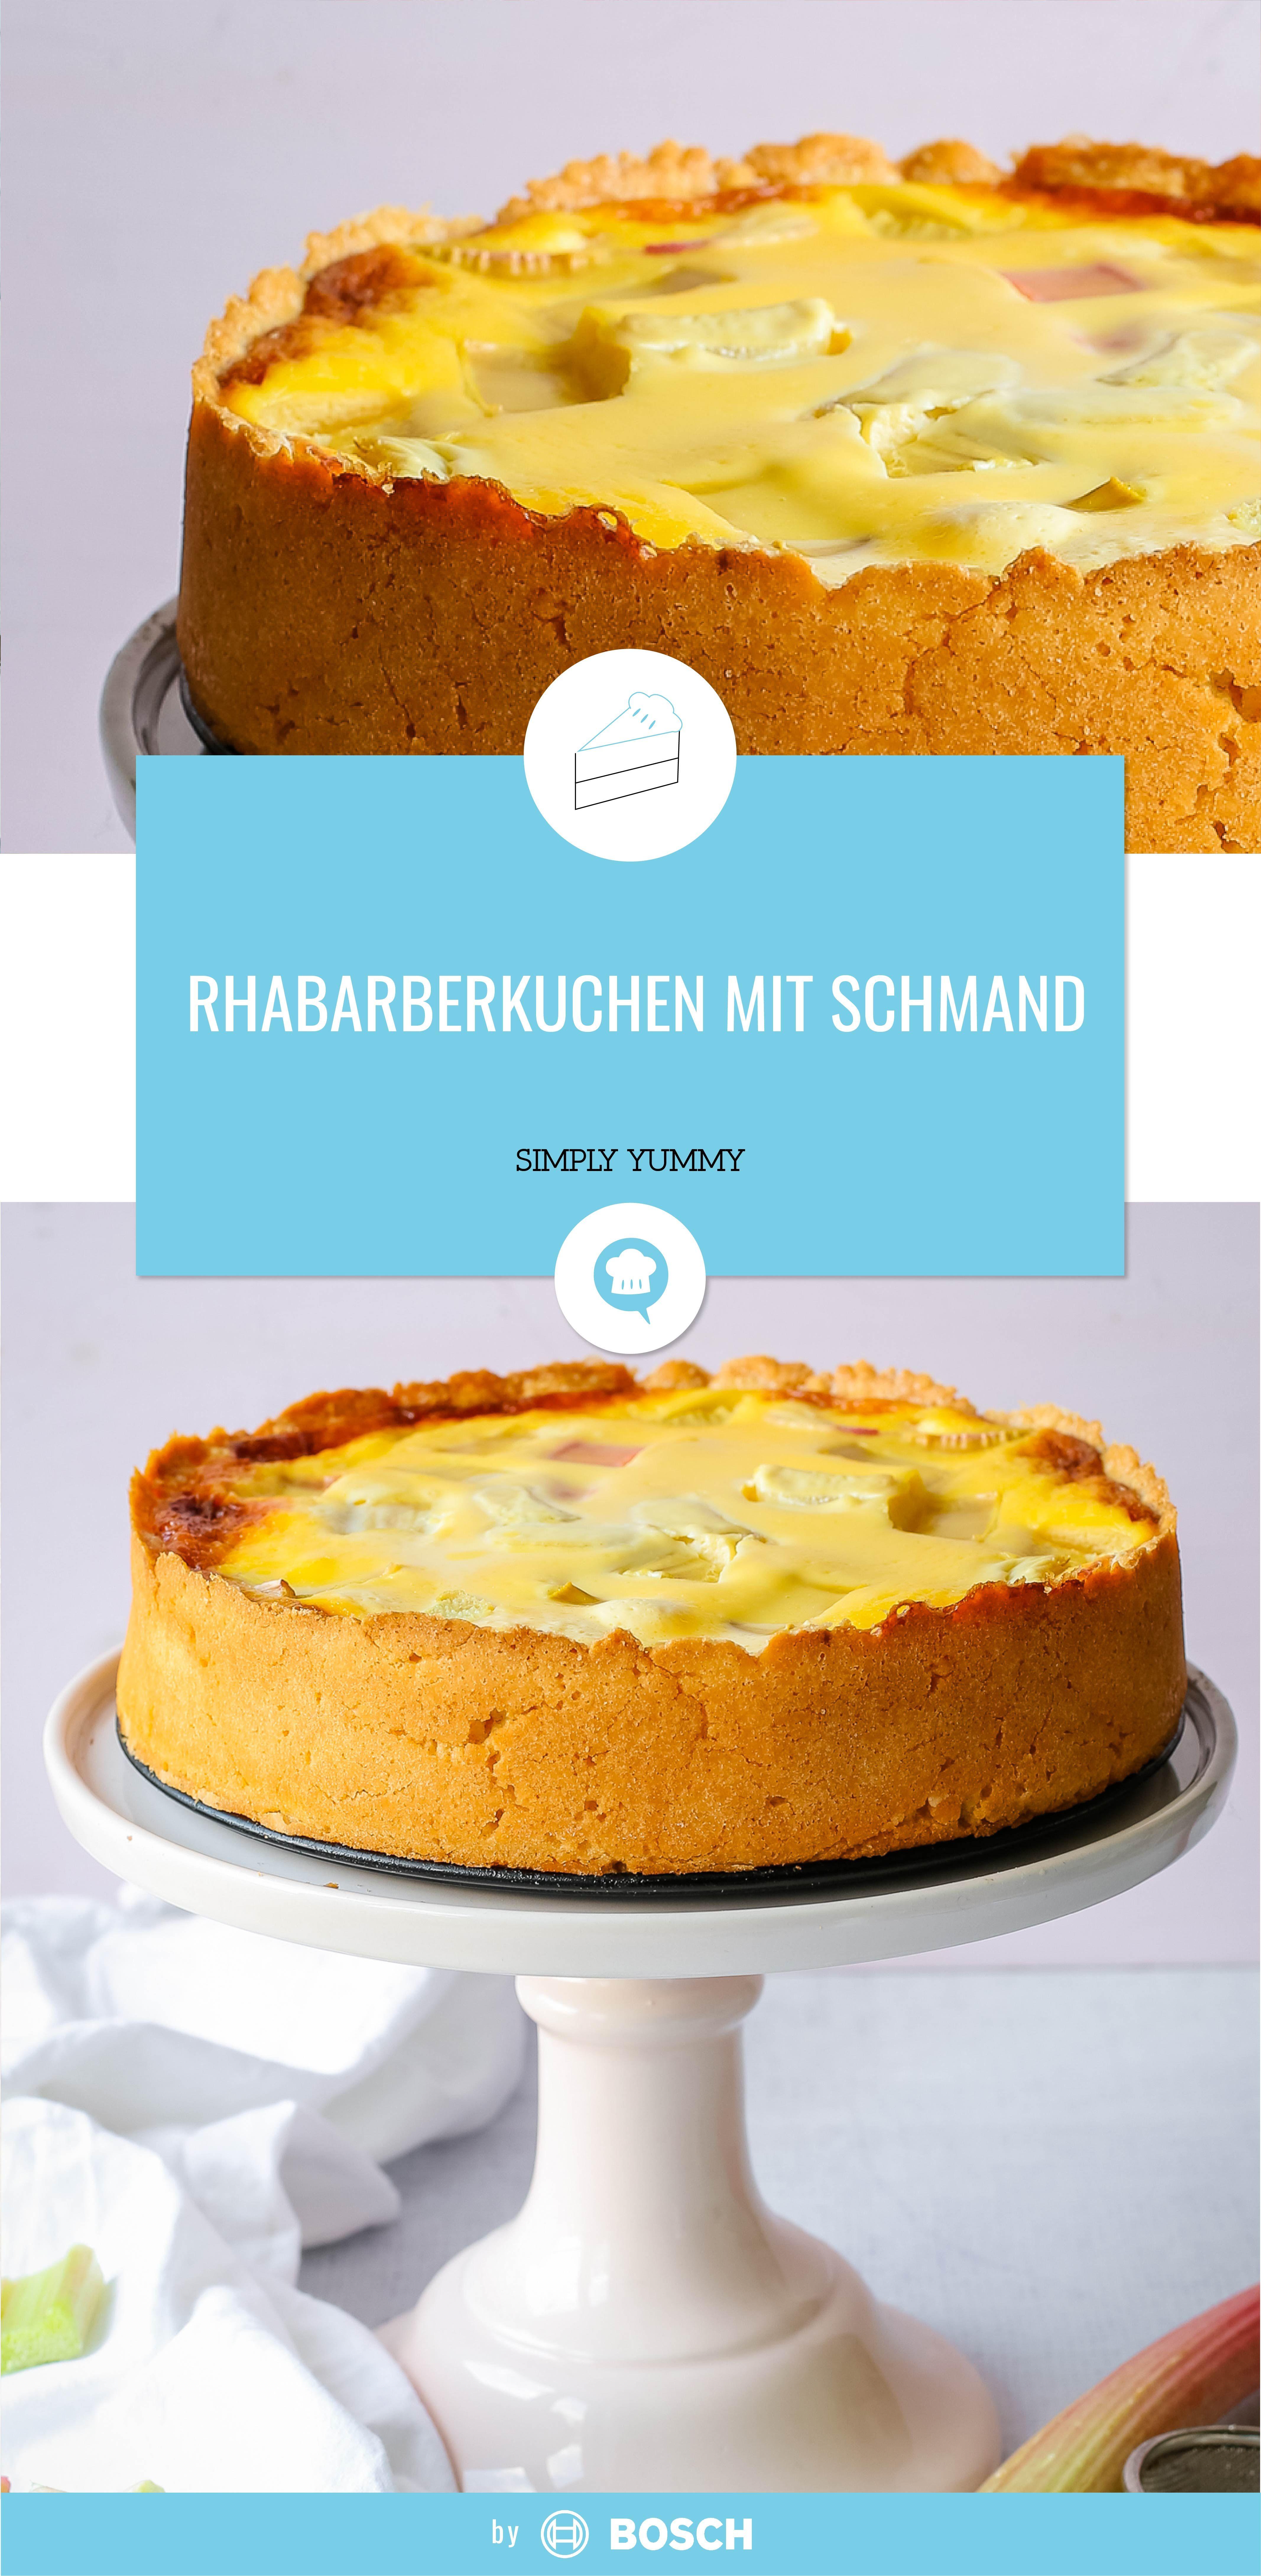 Rhabarberkuchen Mit Schmand Rezept Rhabarberkuchen Kuchen Rhabarberkuchen Mit Schmand